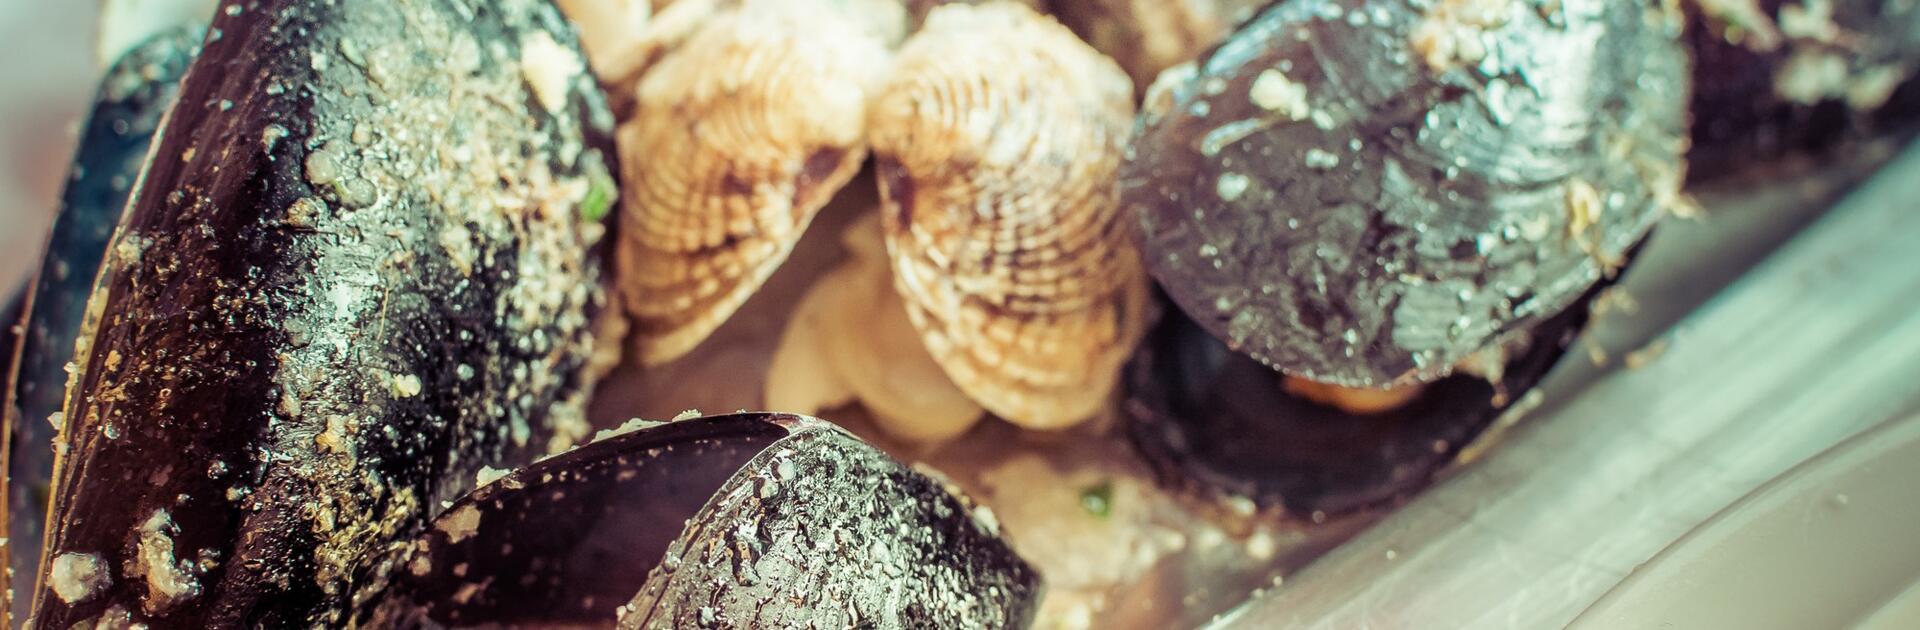 La Pescheria: auf Entdeckungsreise im Fischmarkt von Catania